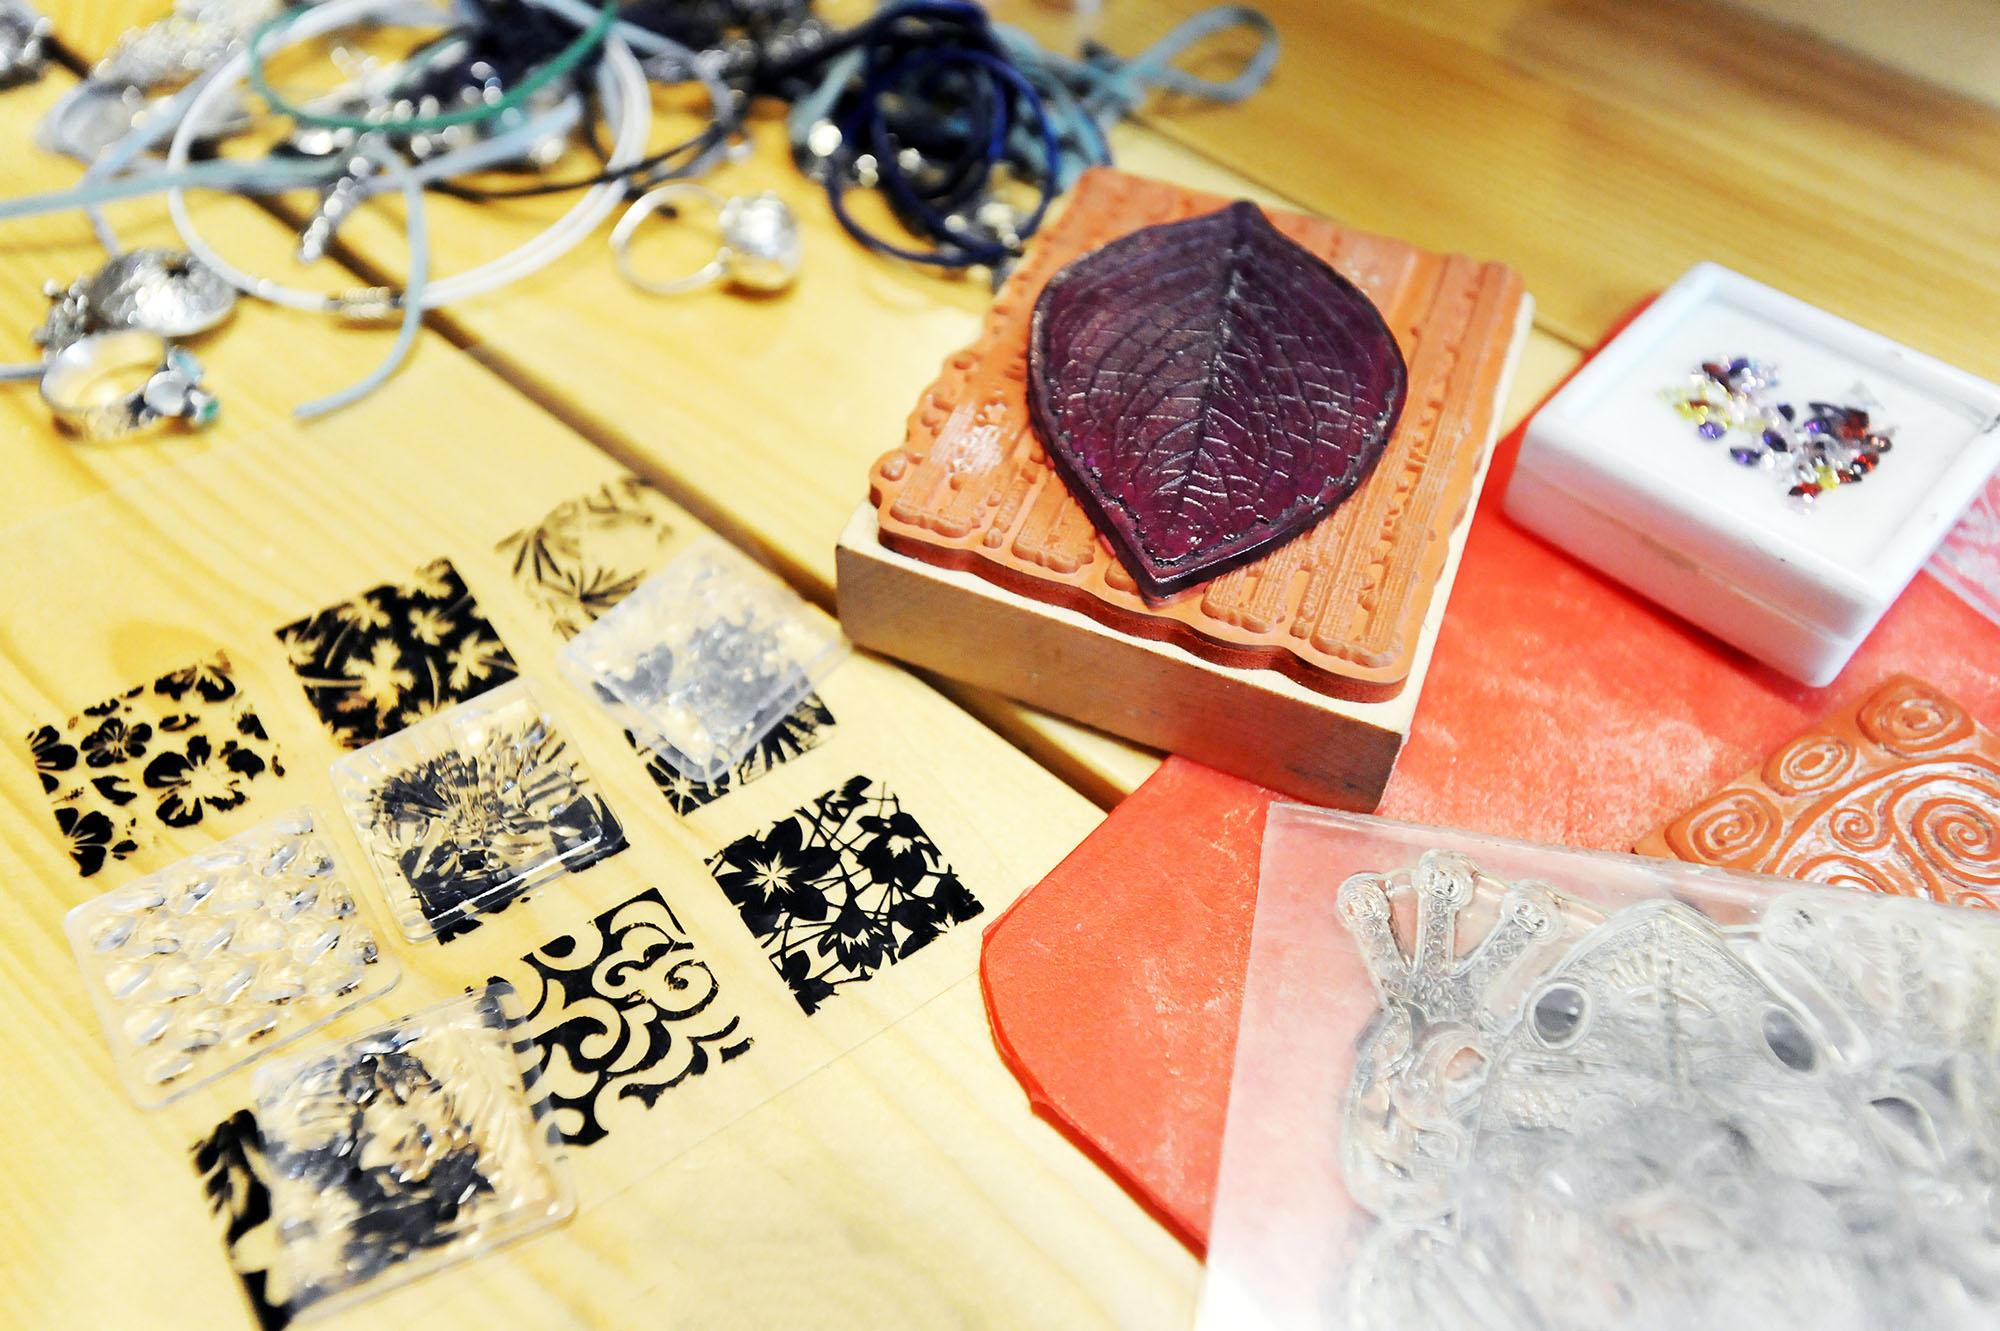 Различные штампы для получения отпечатков и оттисков на серебряной массе до обжига.